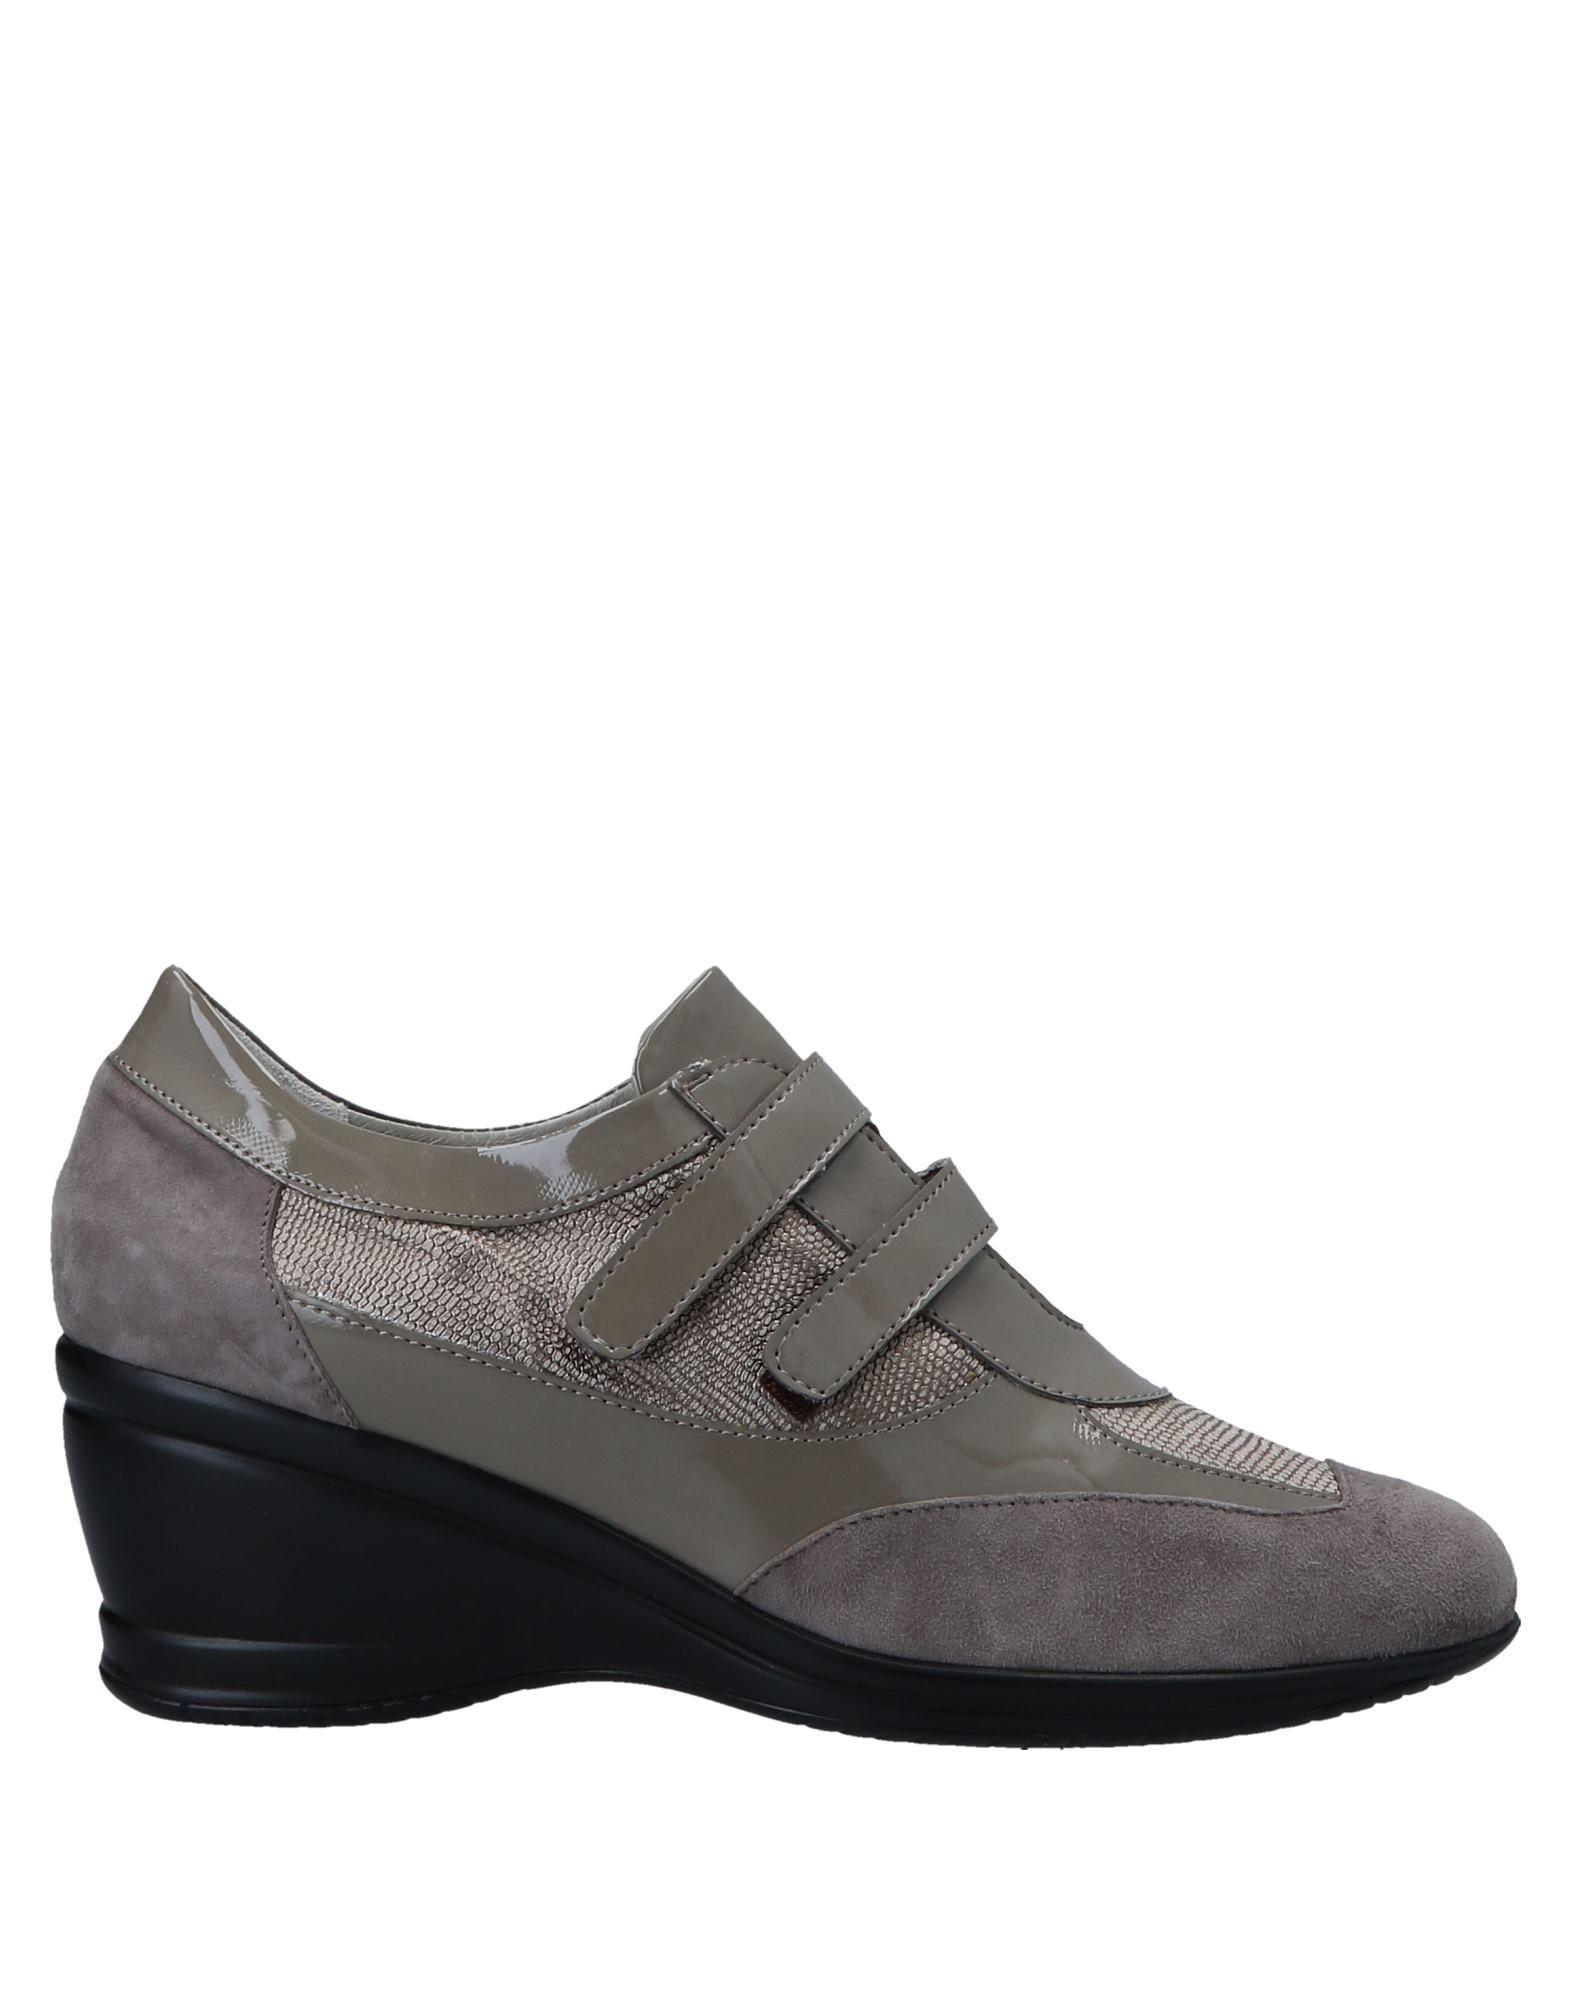 Giuseppe Di Dato Turnschuhes Damen 11554349QS Gute Qualität beliebte Schuhe